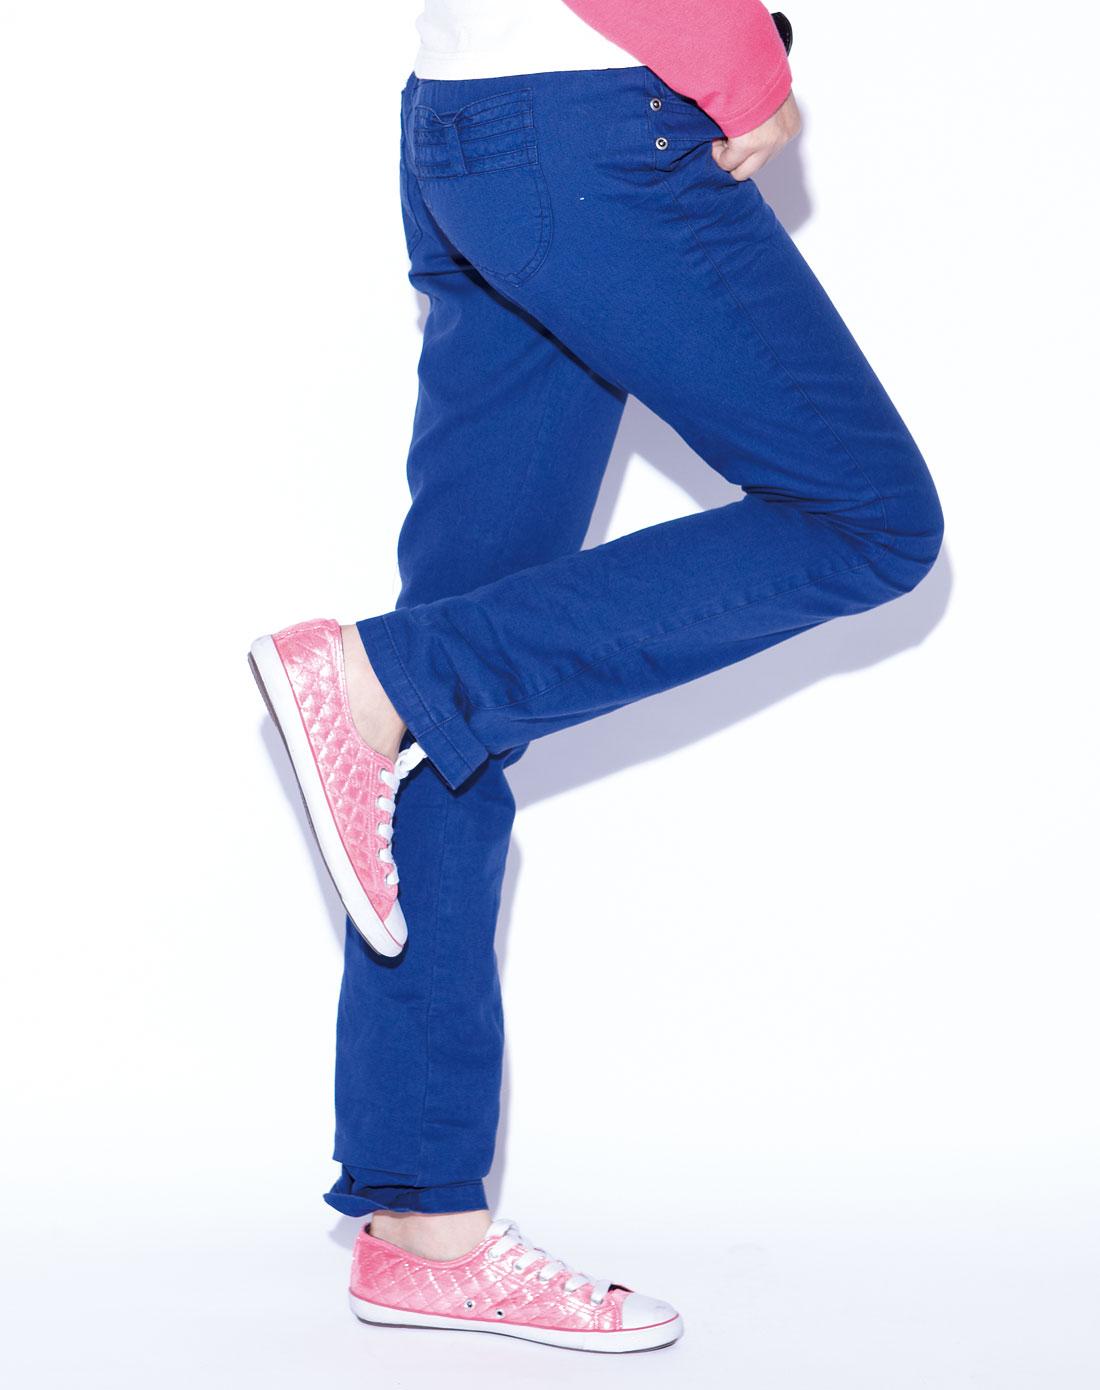 玩偶女孩摩登彩色牛仔裤-宝蓝